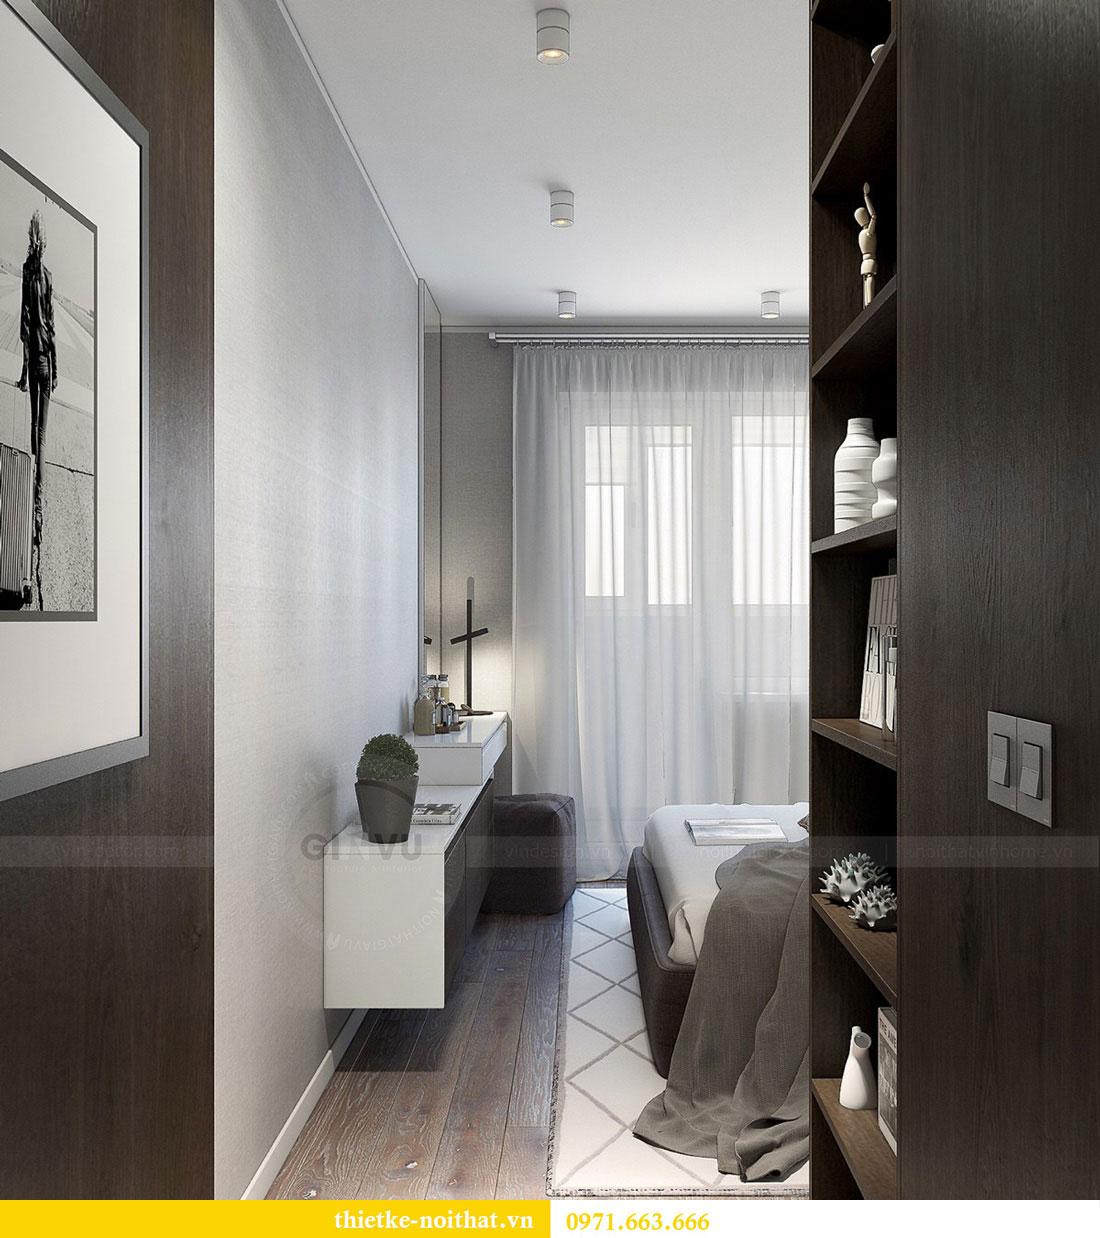 Thiết kế nội thất biệt thự Vinhomes Green Bay Mễ Trì 17